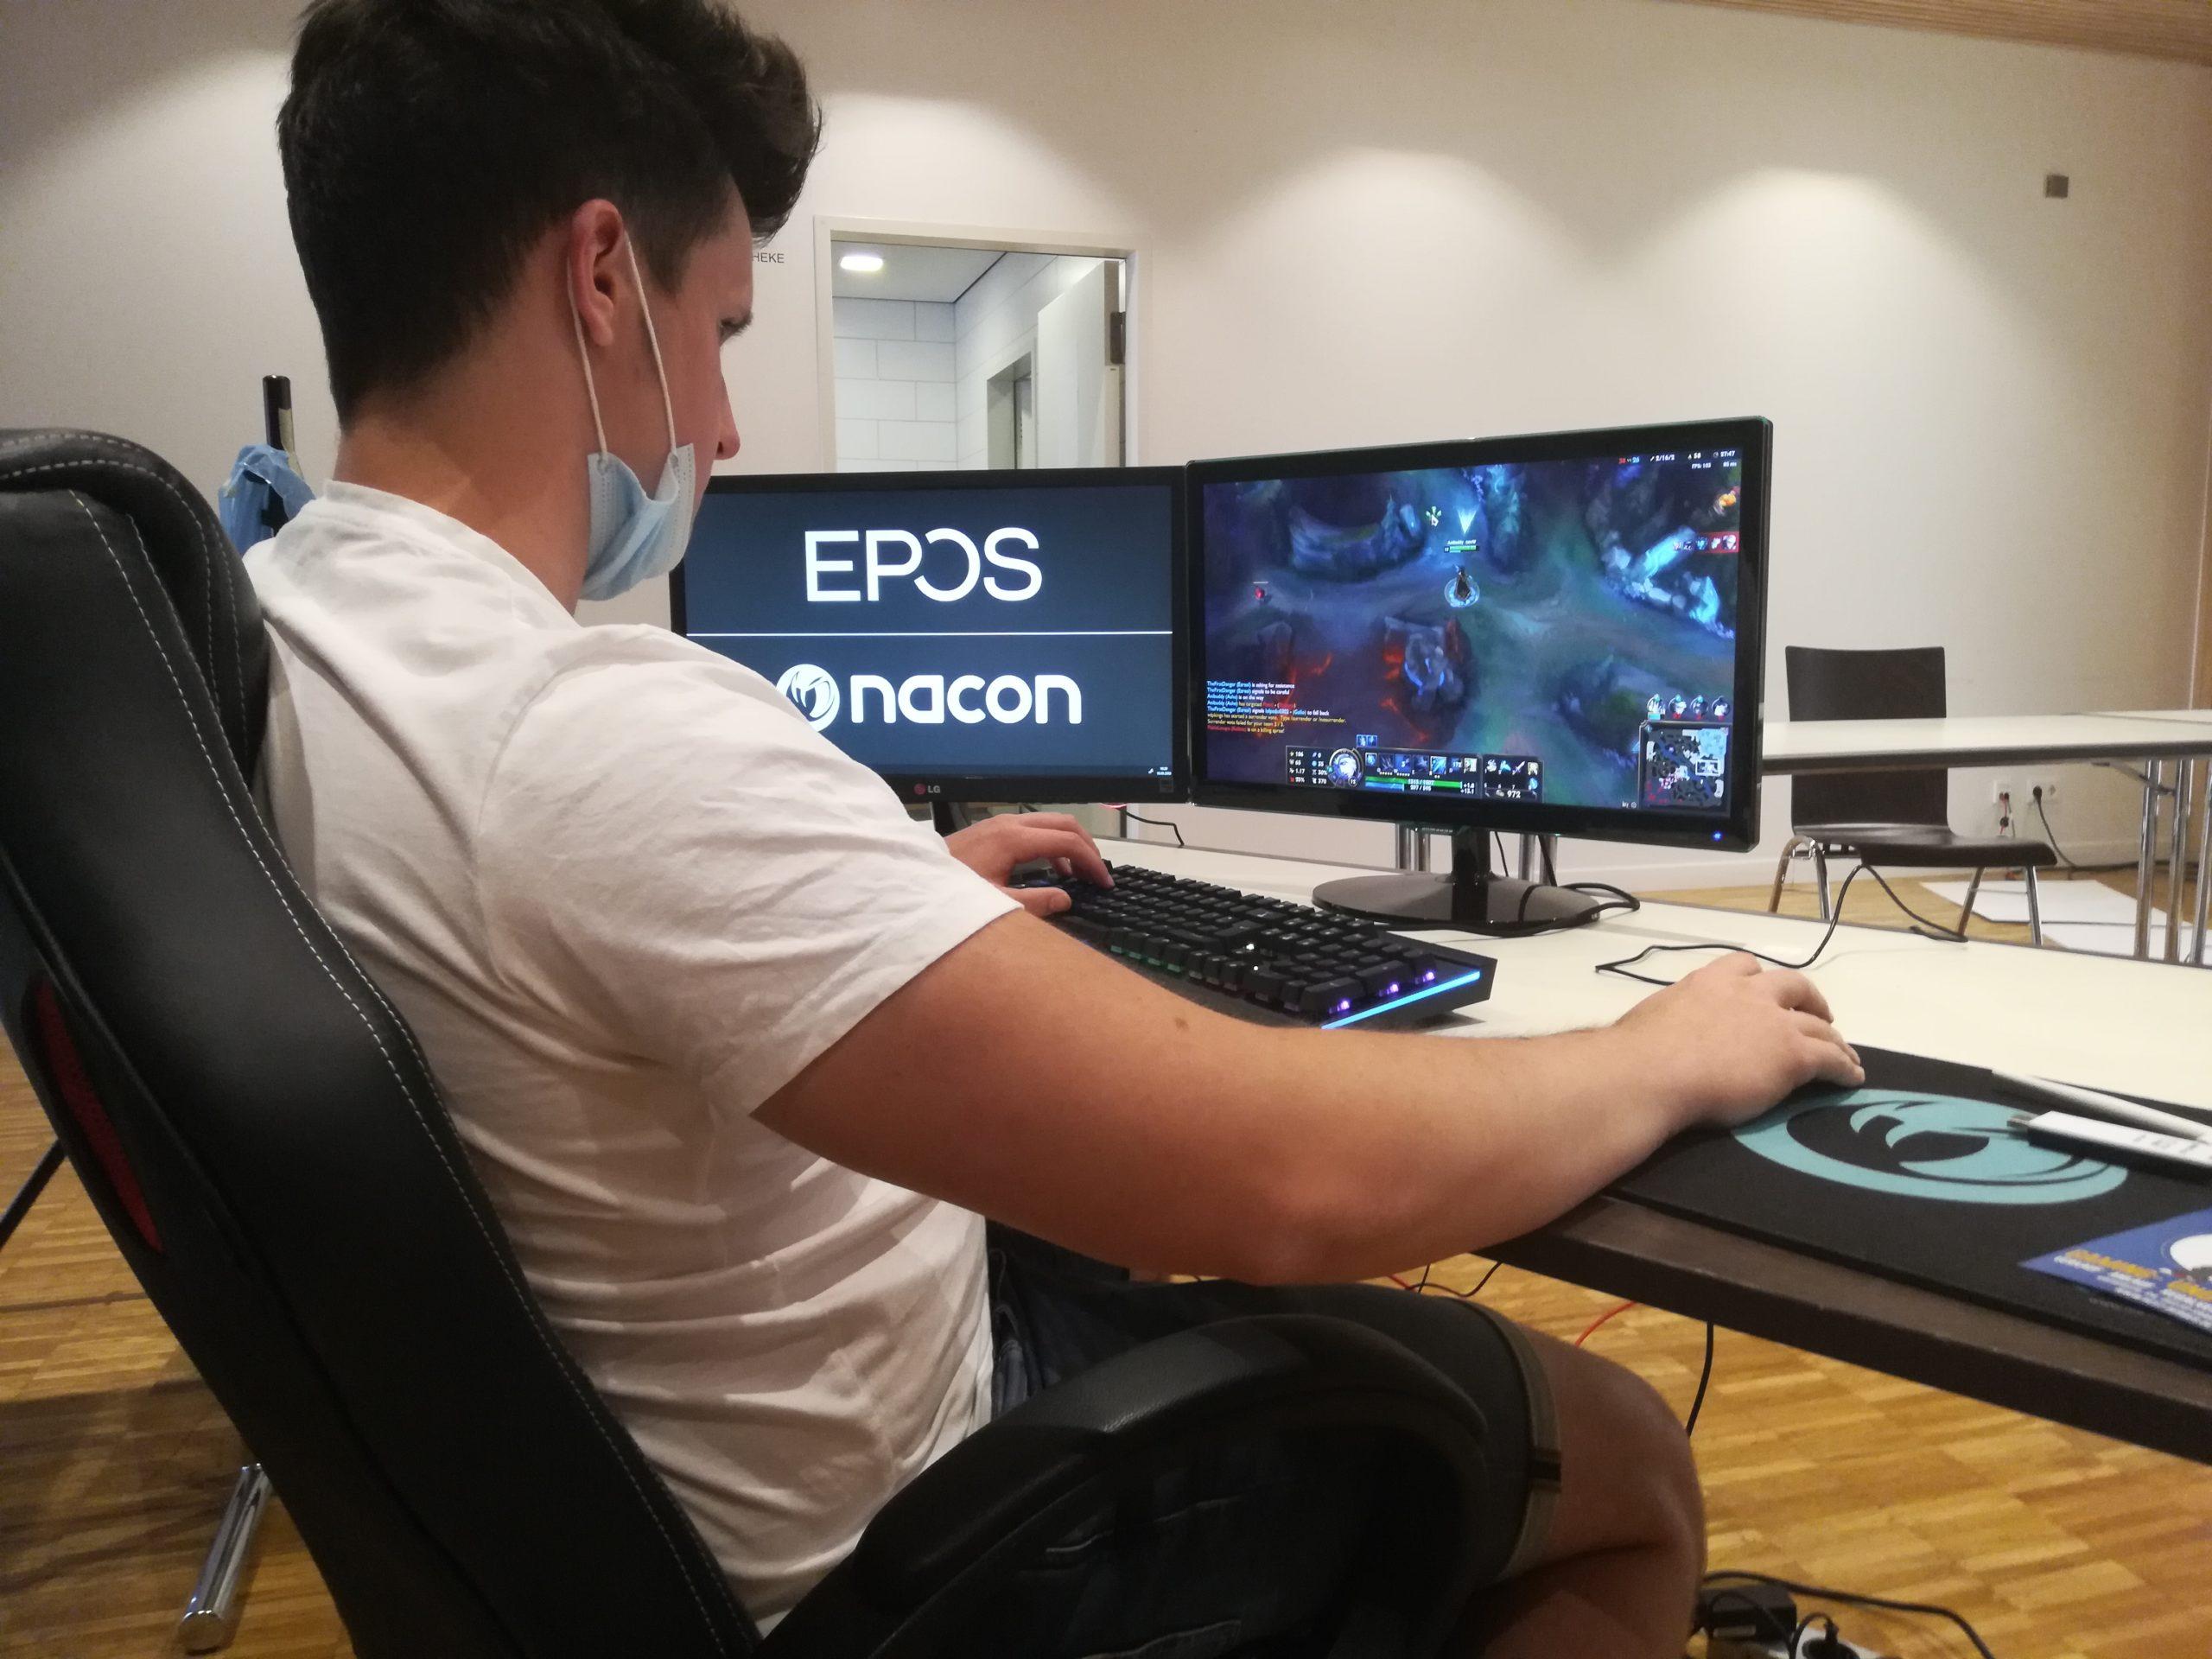 Ein junger Mann sitzt auf einem Gaming Chair und bedient die Tastatur.